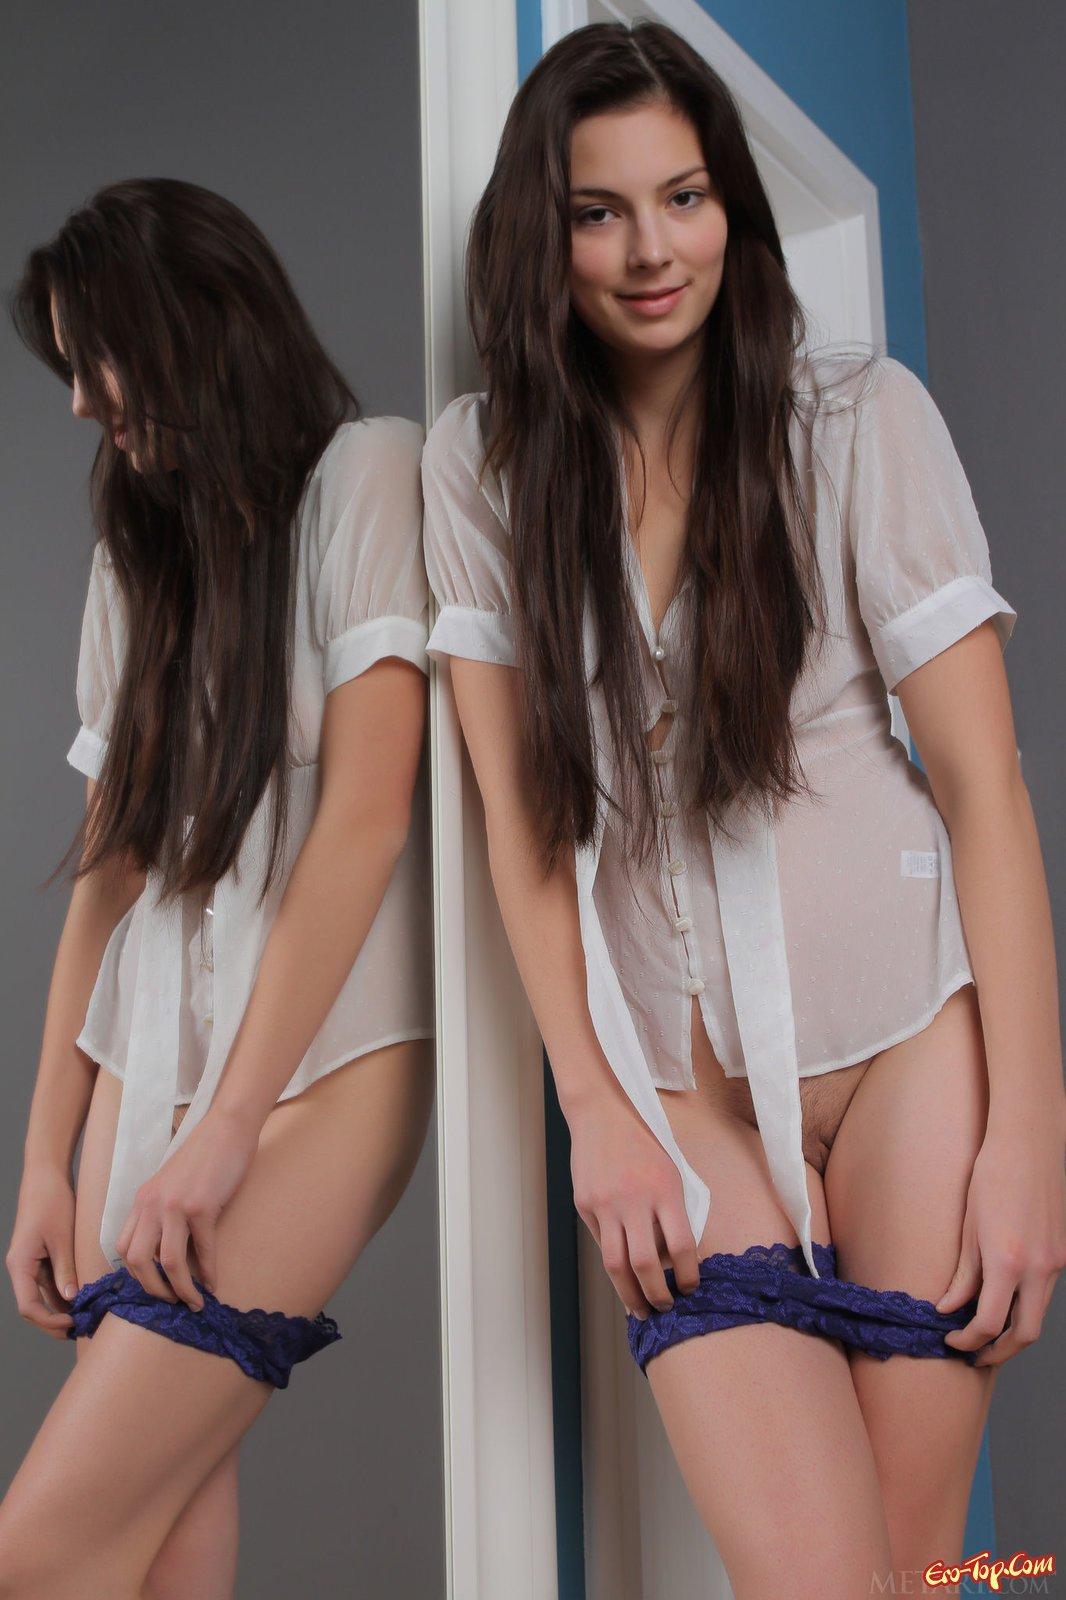 красивые эротические фото голых девушек с большой грудью